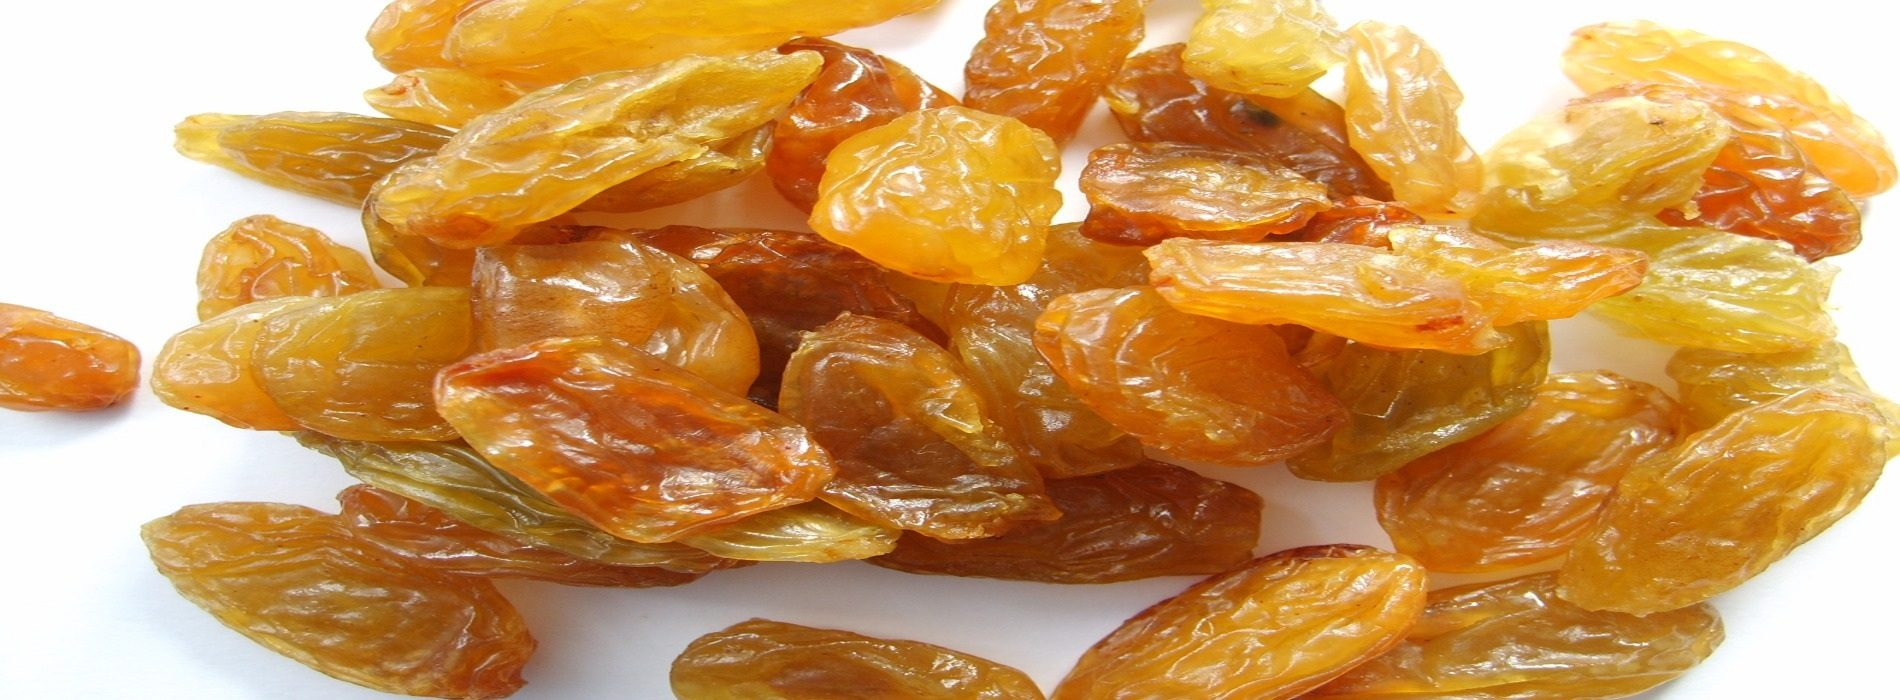 Agro-processing of deciduous fruit